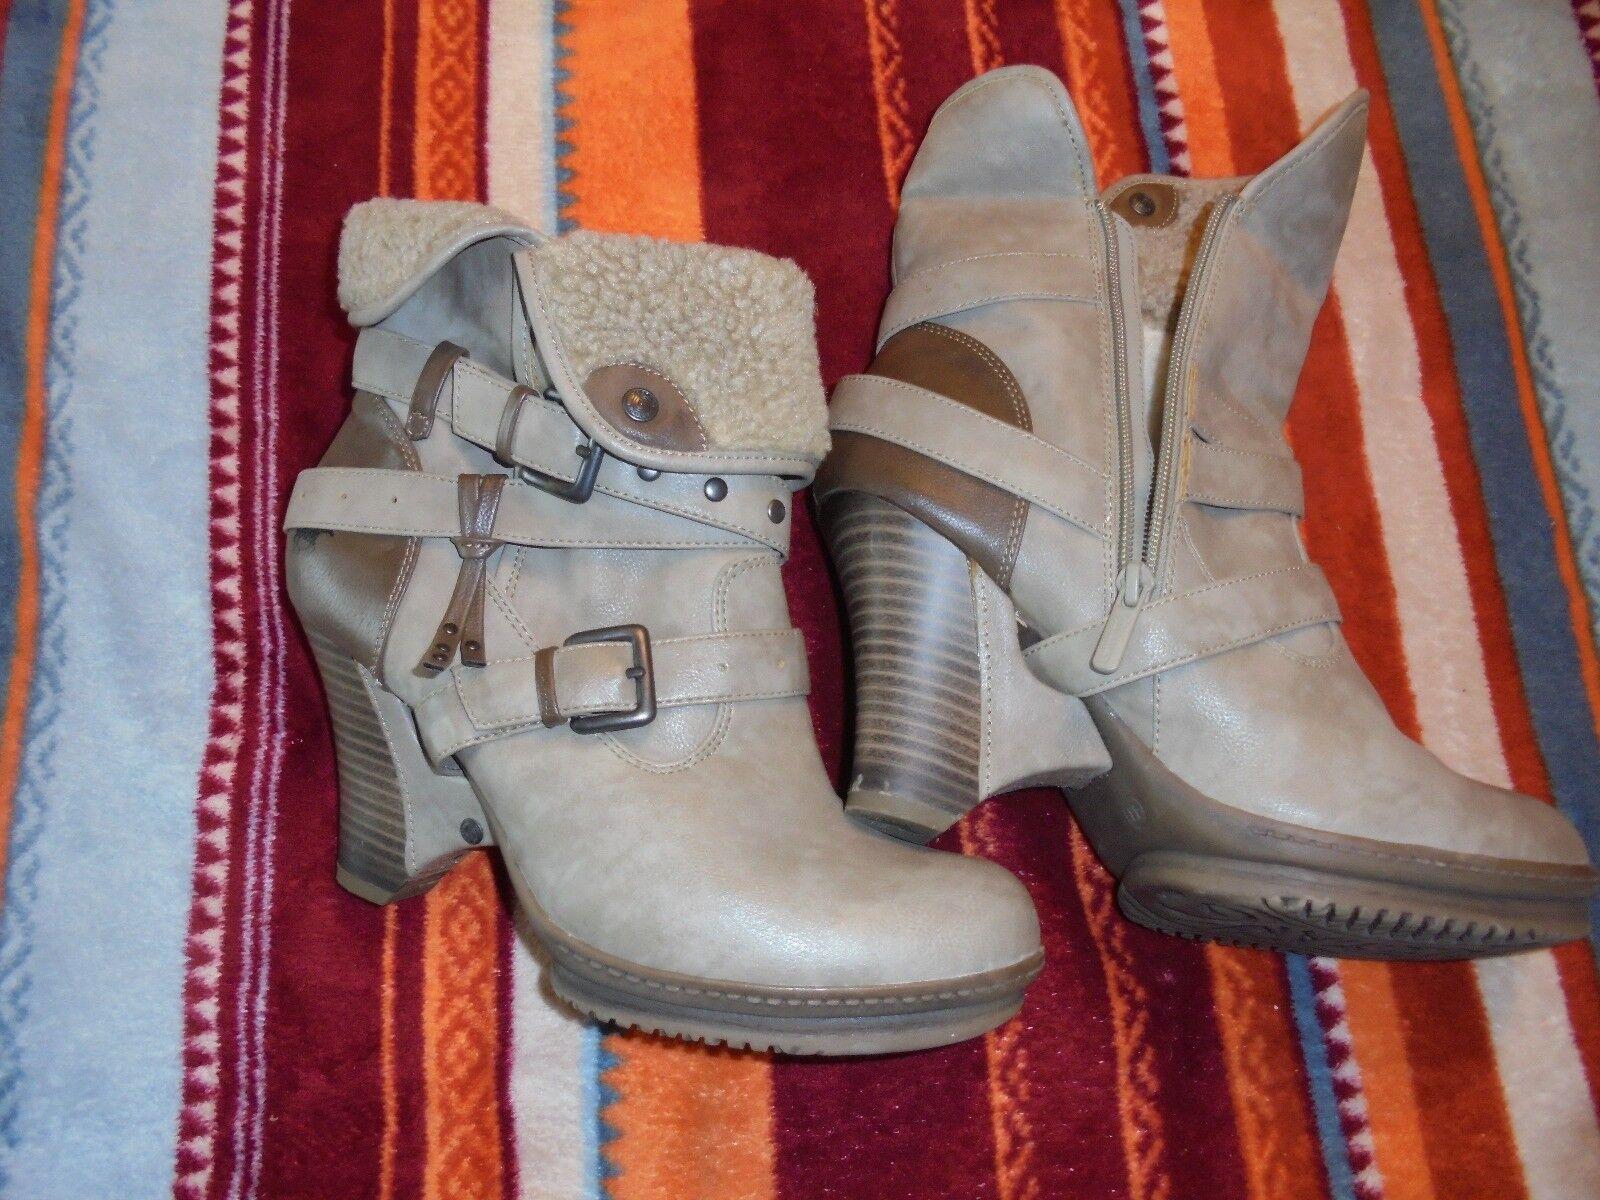 Stiefel 41,neu Mustang, Günstige und gute Schuhe